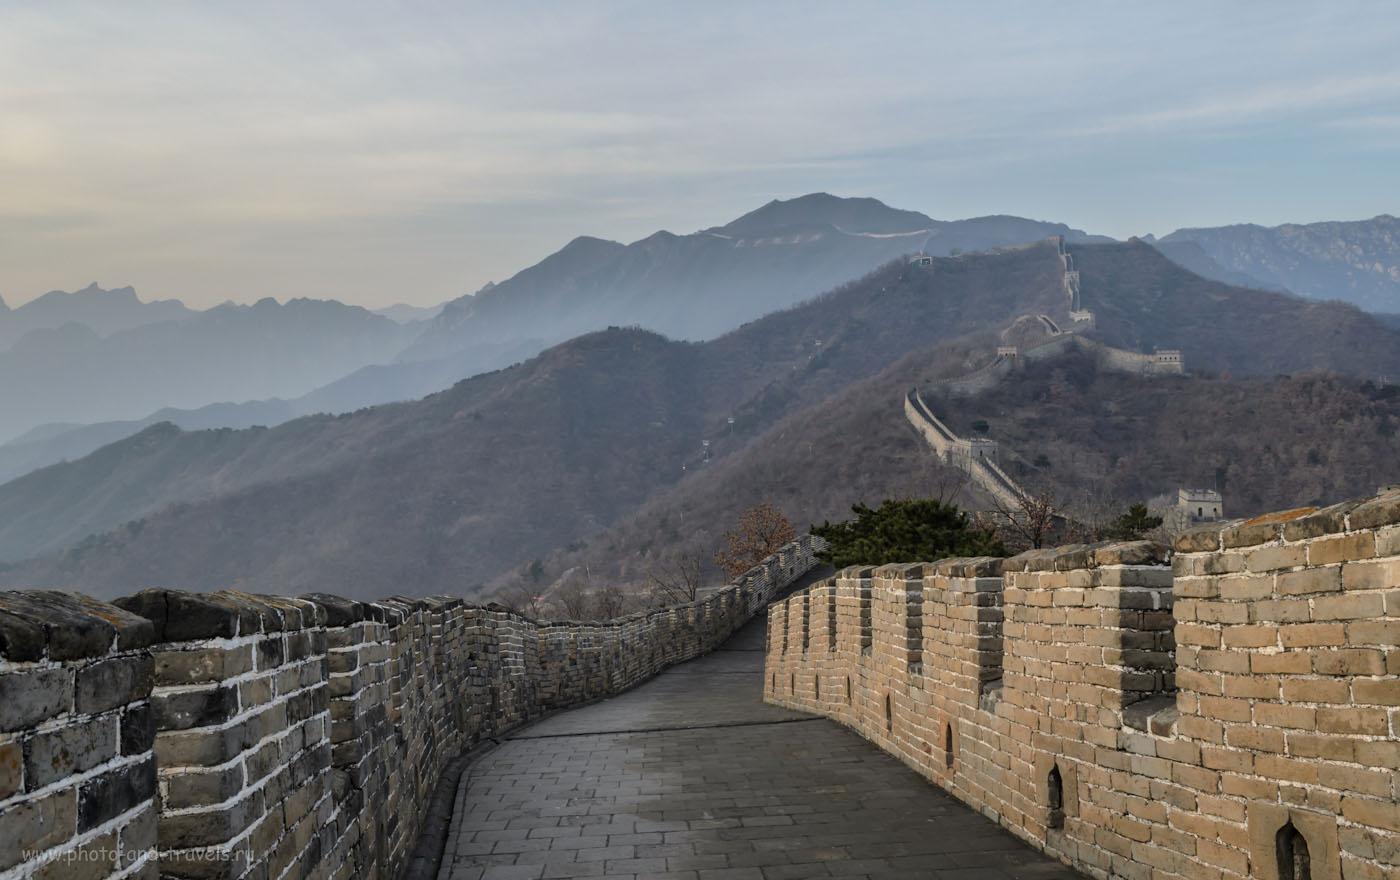 Фотография 7. Вечер на Великой Китайской Стене. Поездка в Китай самостоятельно. Экскурсии из Пекина.